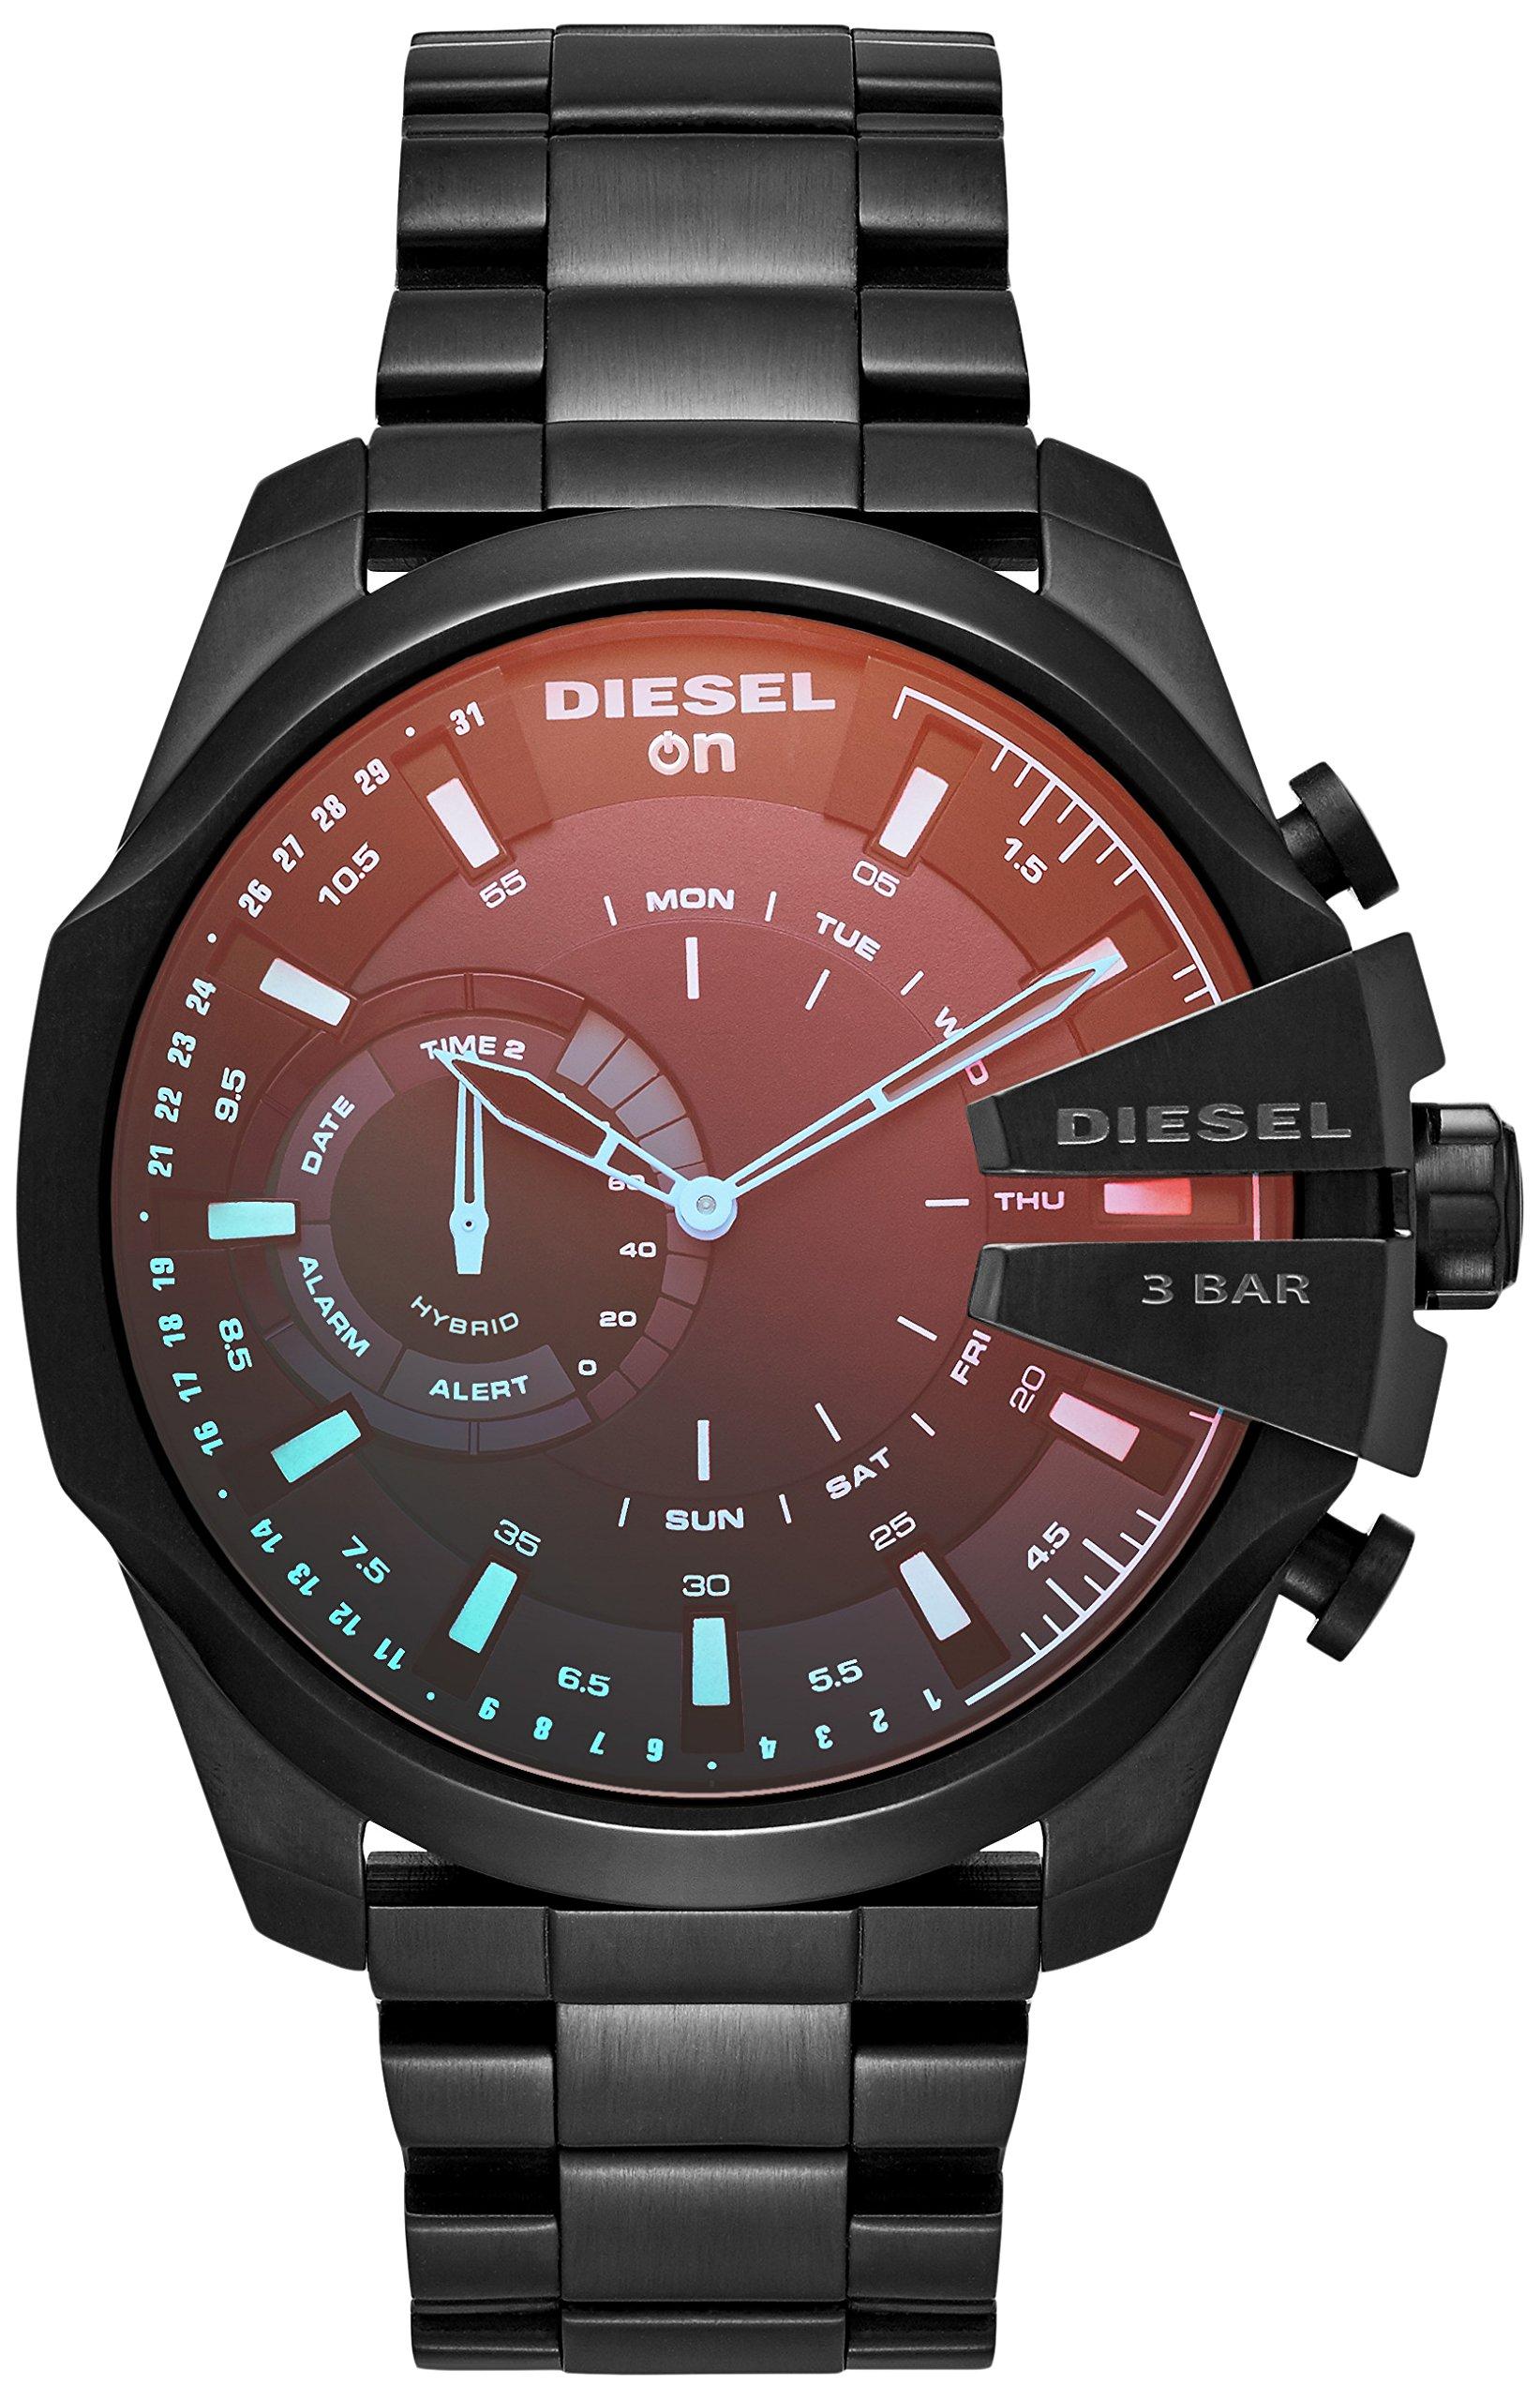 Diesel Smart Watch (Model: DZT1011) by Diesel